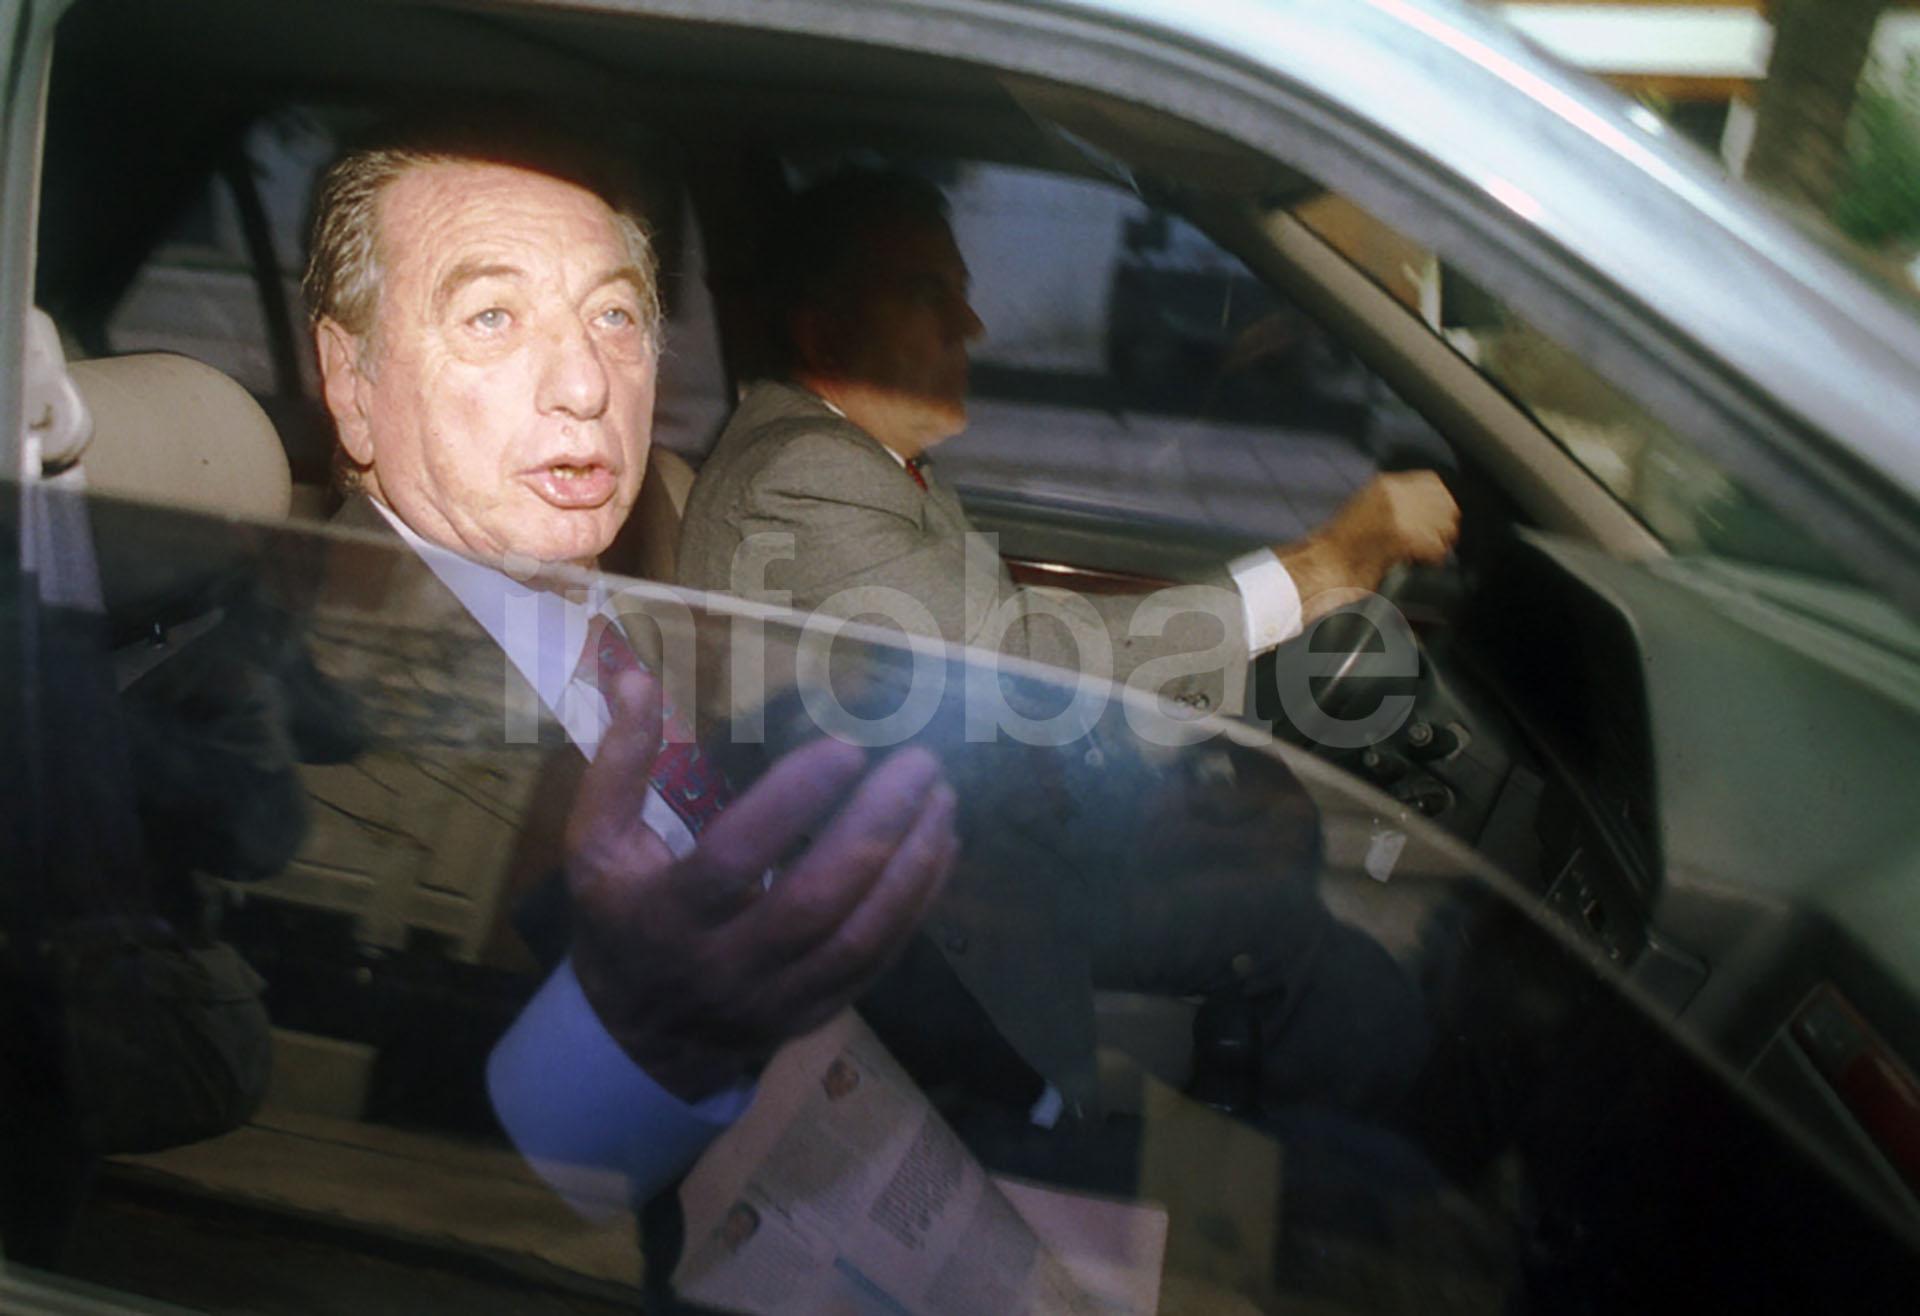 Mayo de 2003, día de tensión extrema para Franco Macri. Apenas unas horas antes había sido rescatada de un secuestro su hija Florencia (Enrique García Medina)